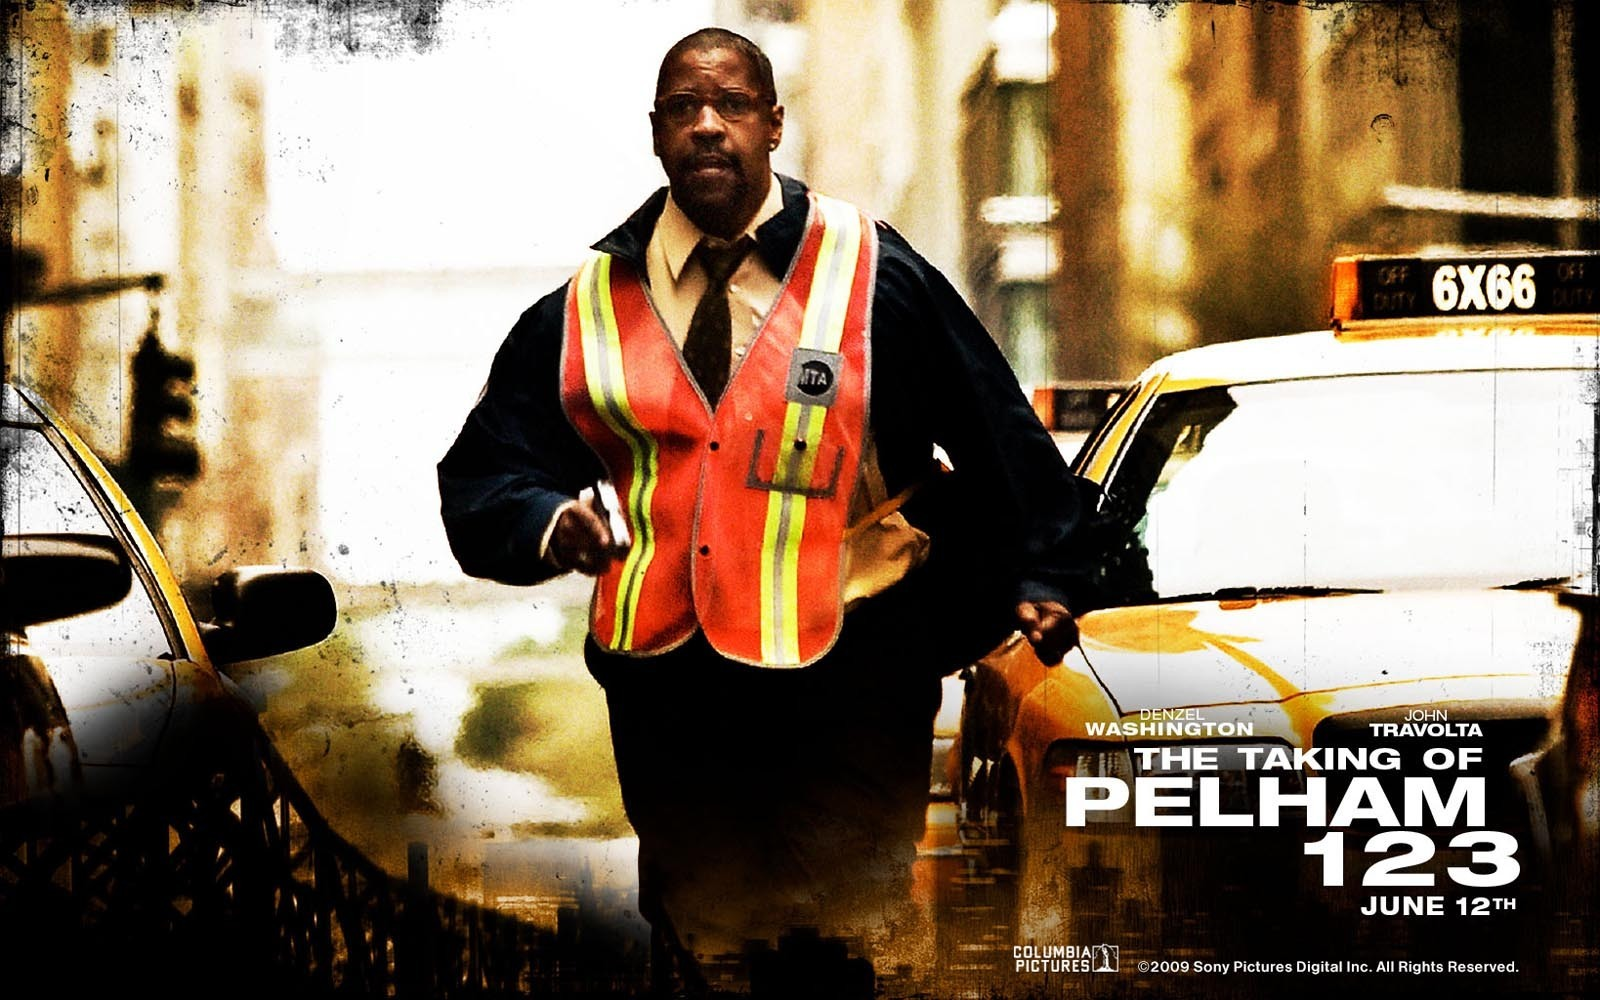 The Taking of Pelham 1 2 3 (2009) – Trailer, Stills, & Info